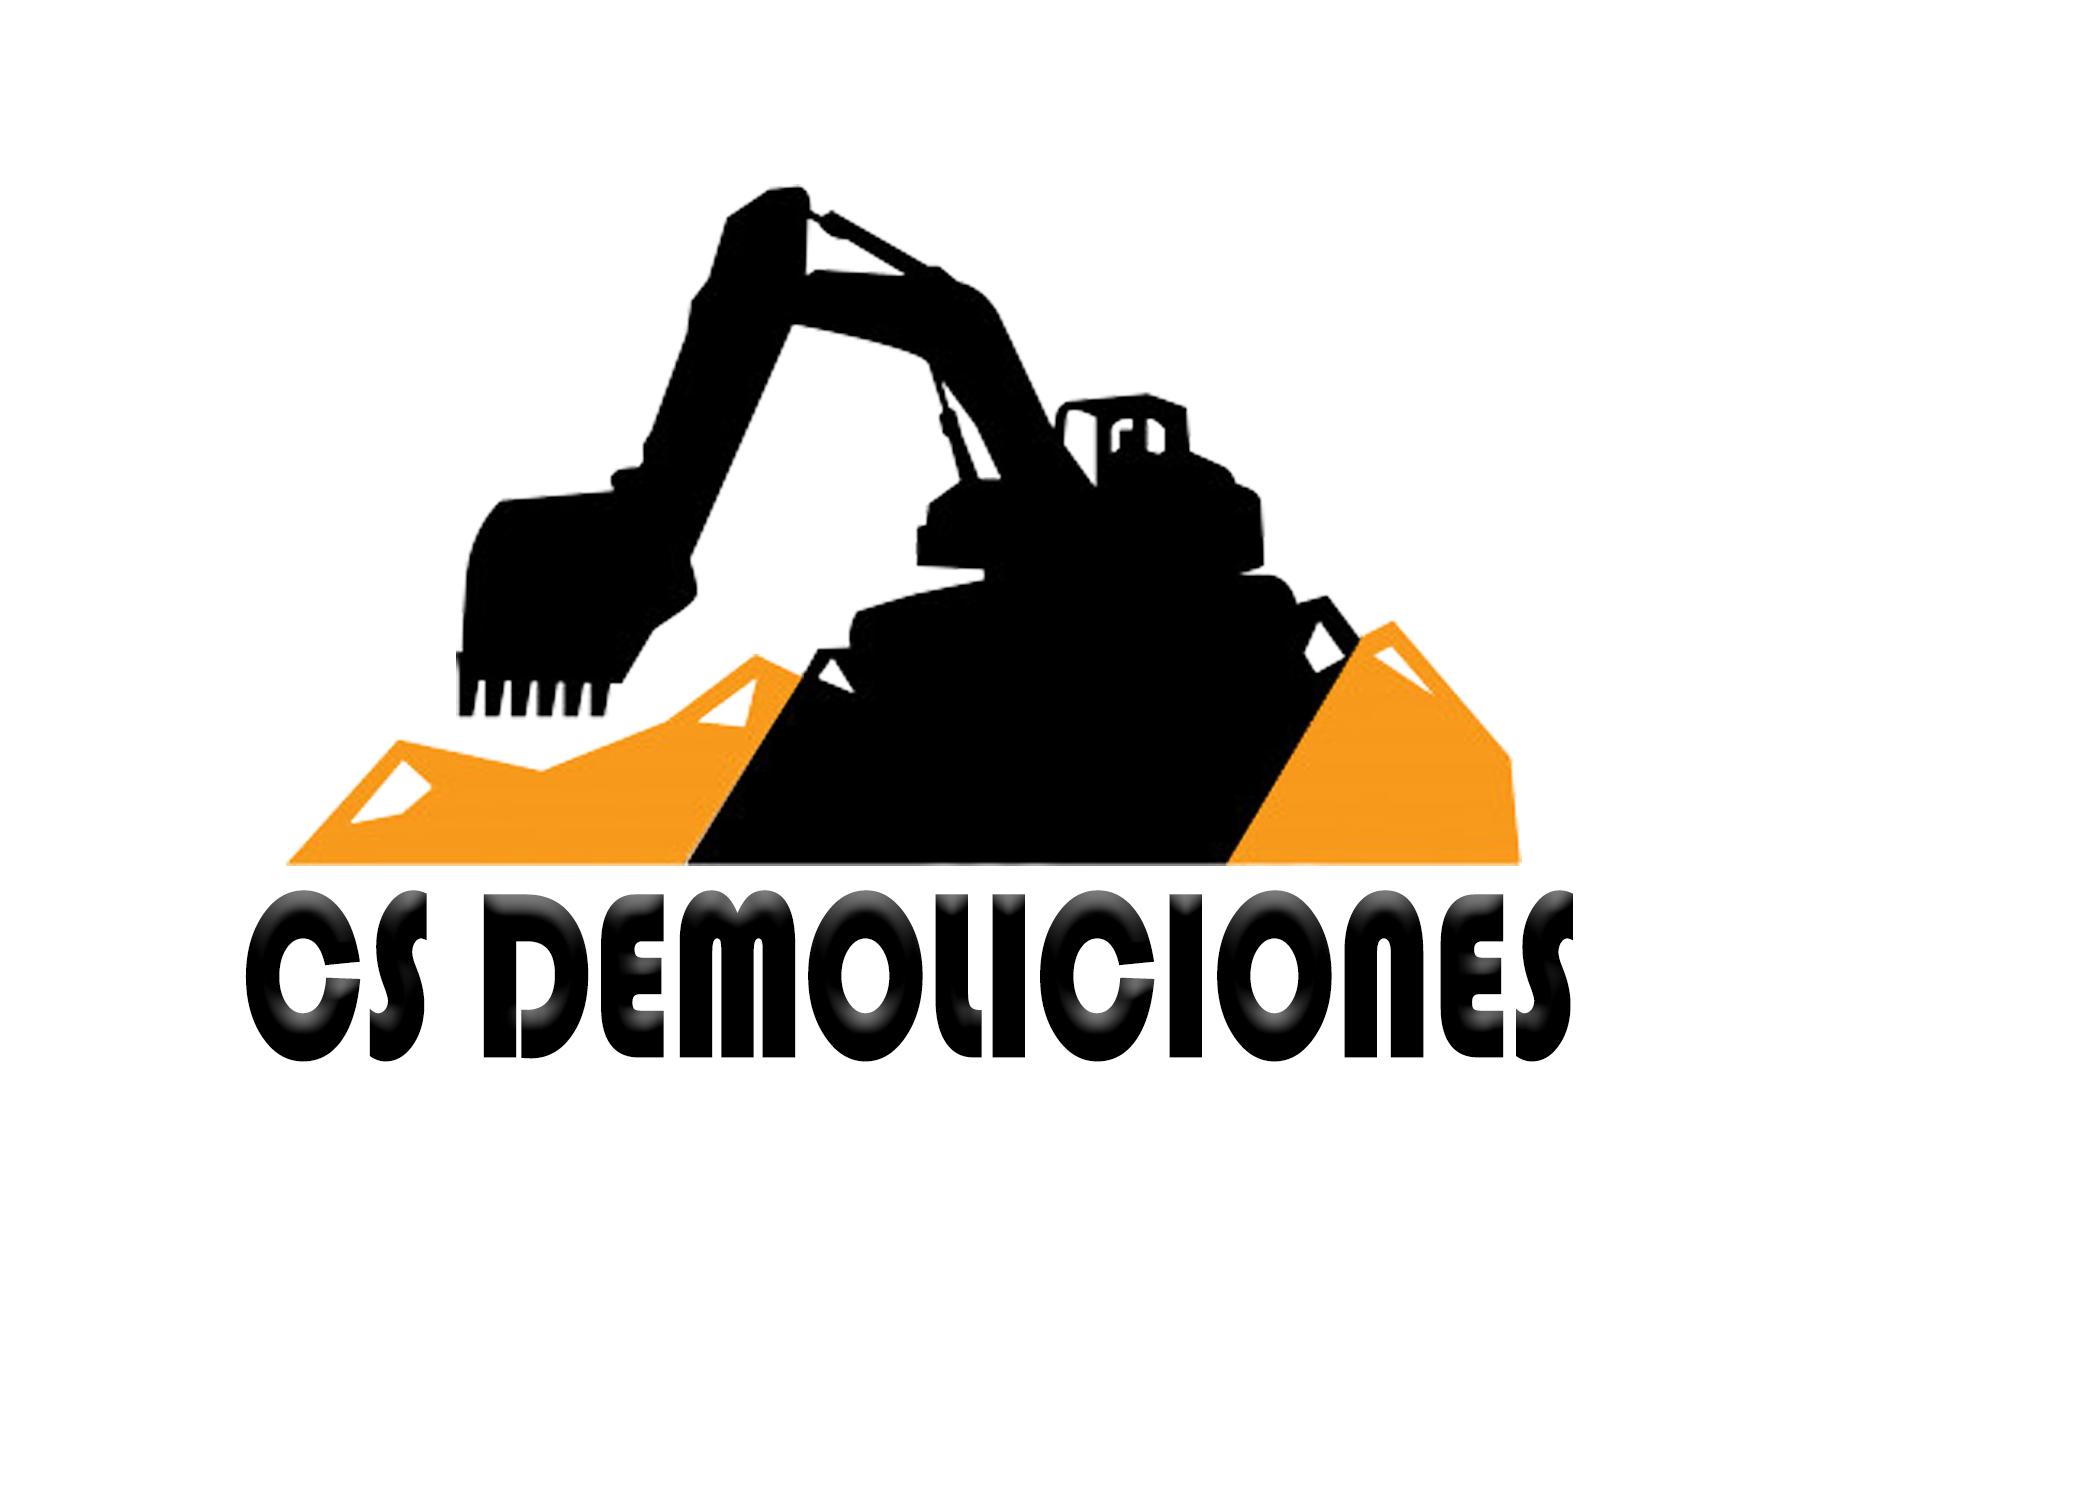 Cs Demoliciones